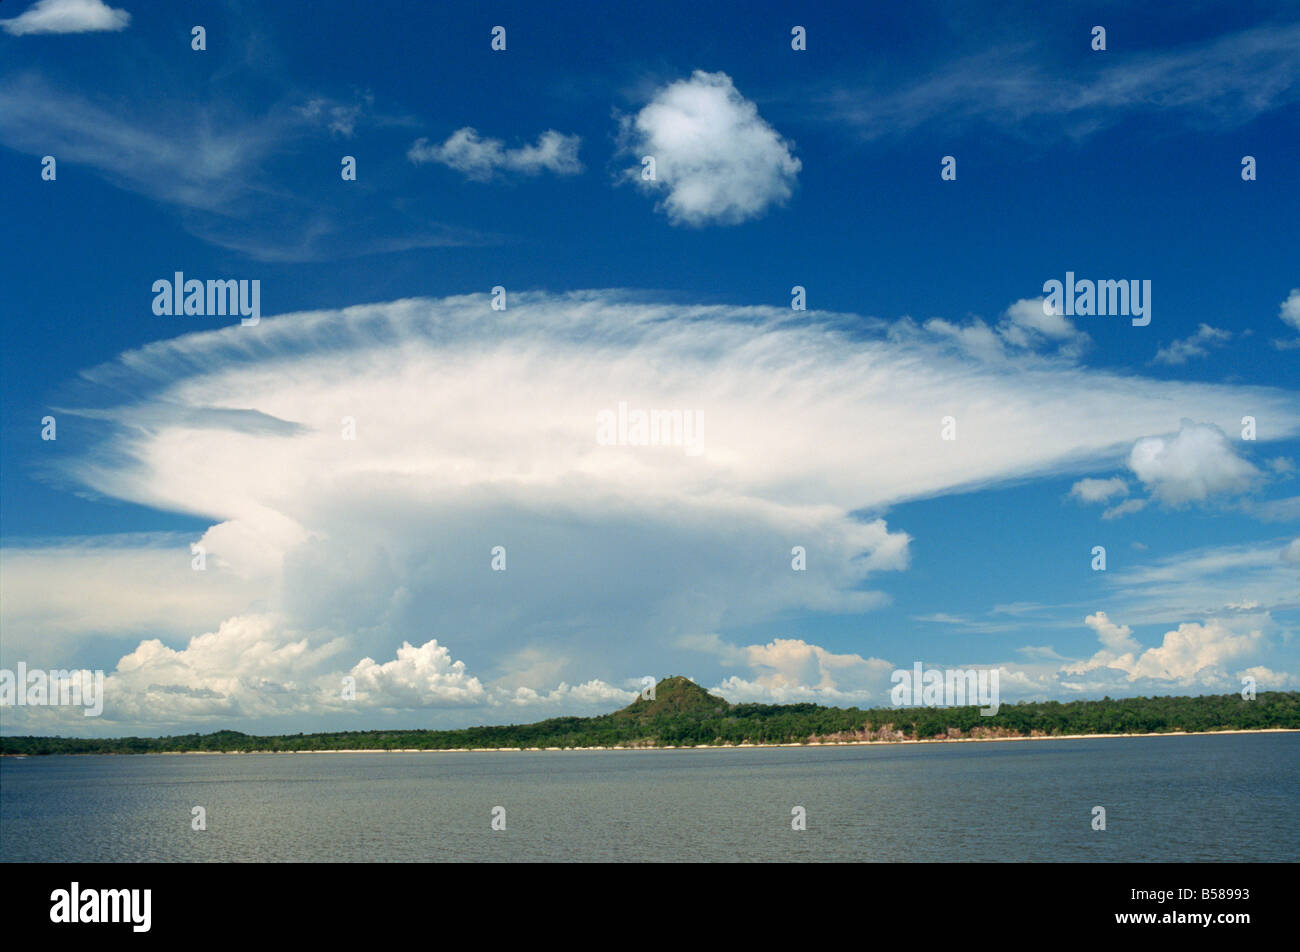 Cumulonimbus clouds over the coastline of Brazil South America - Stock Image